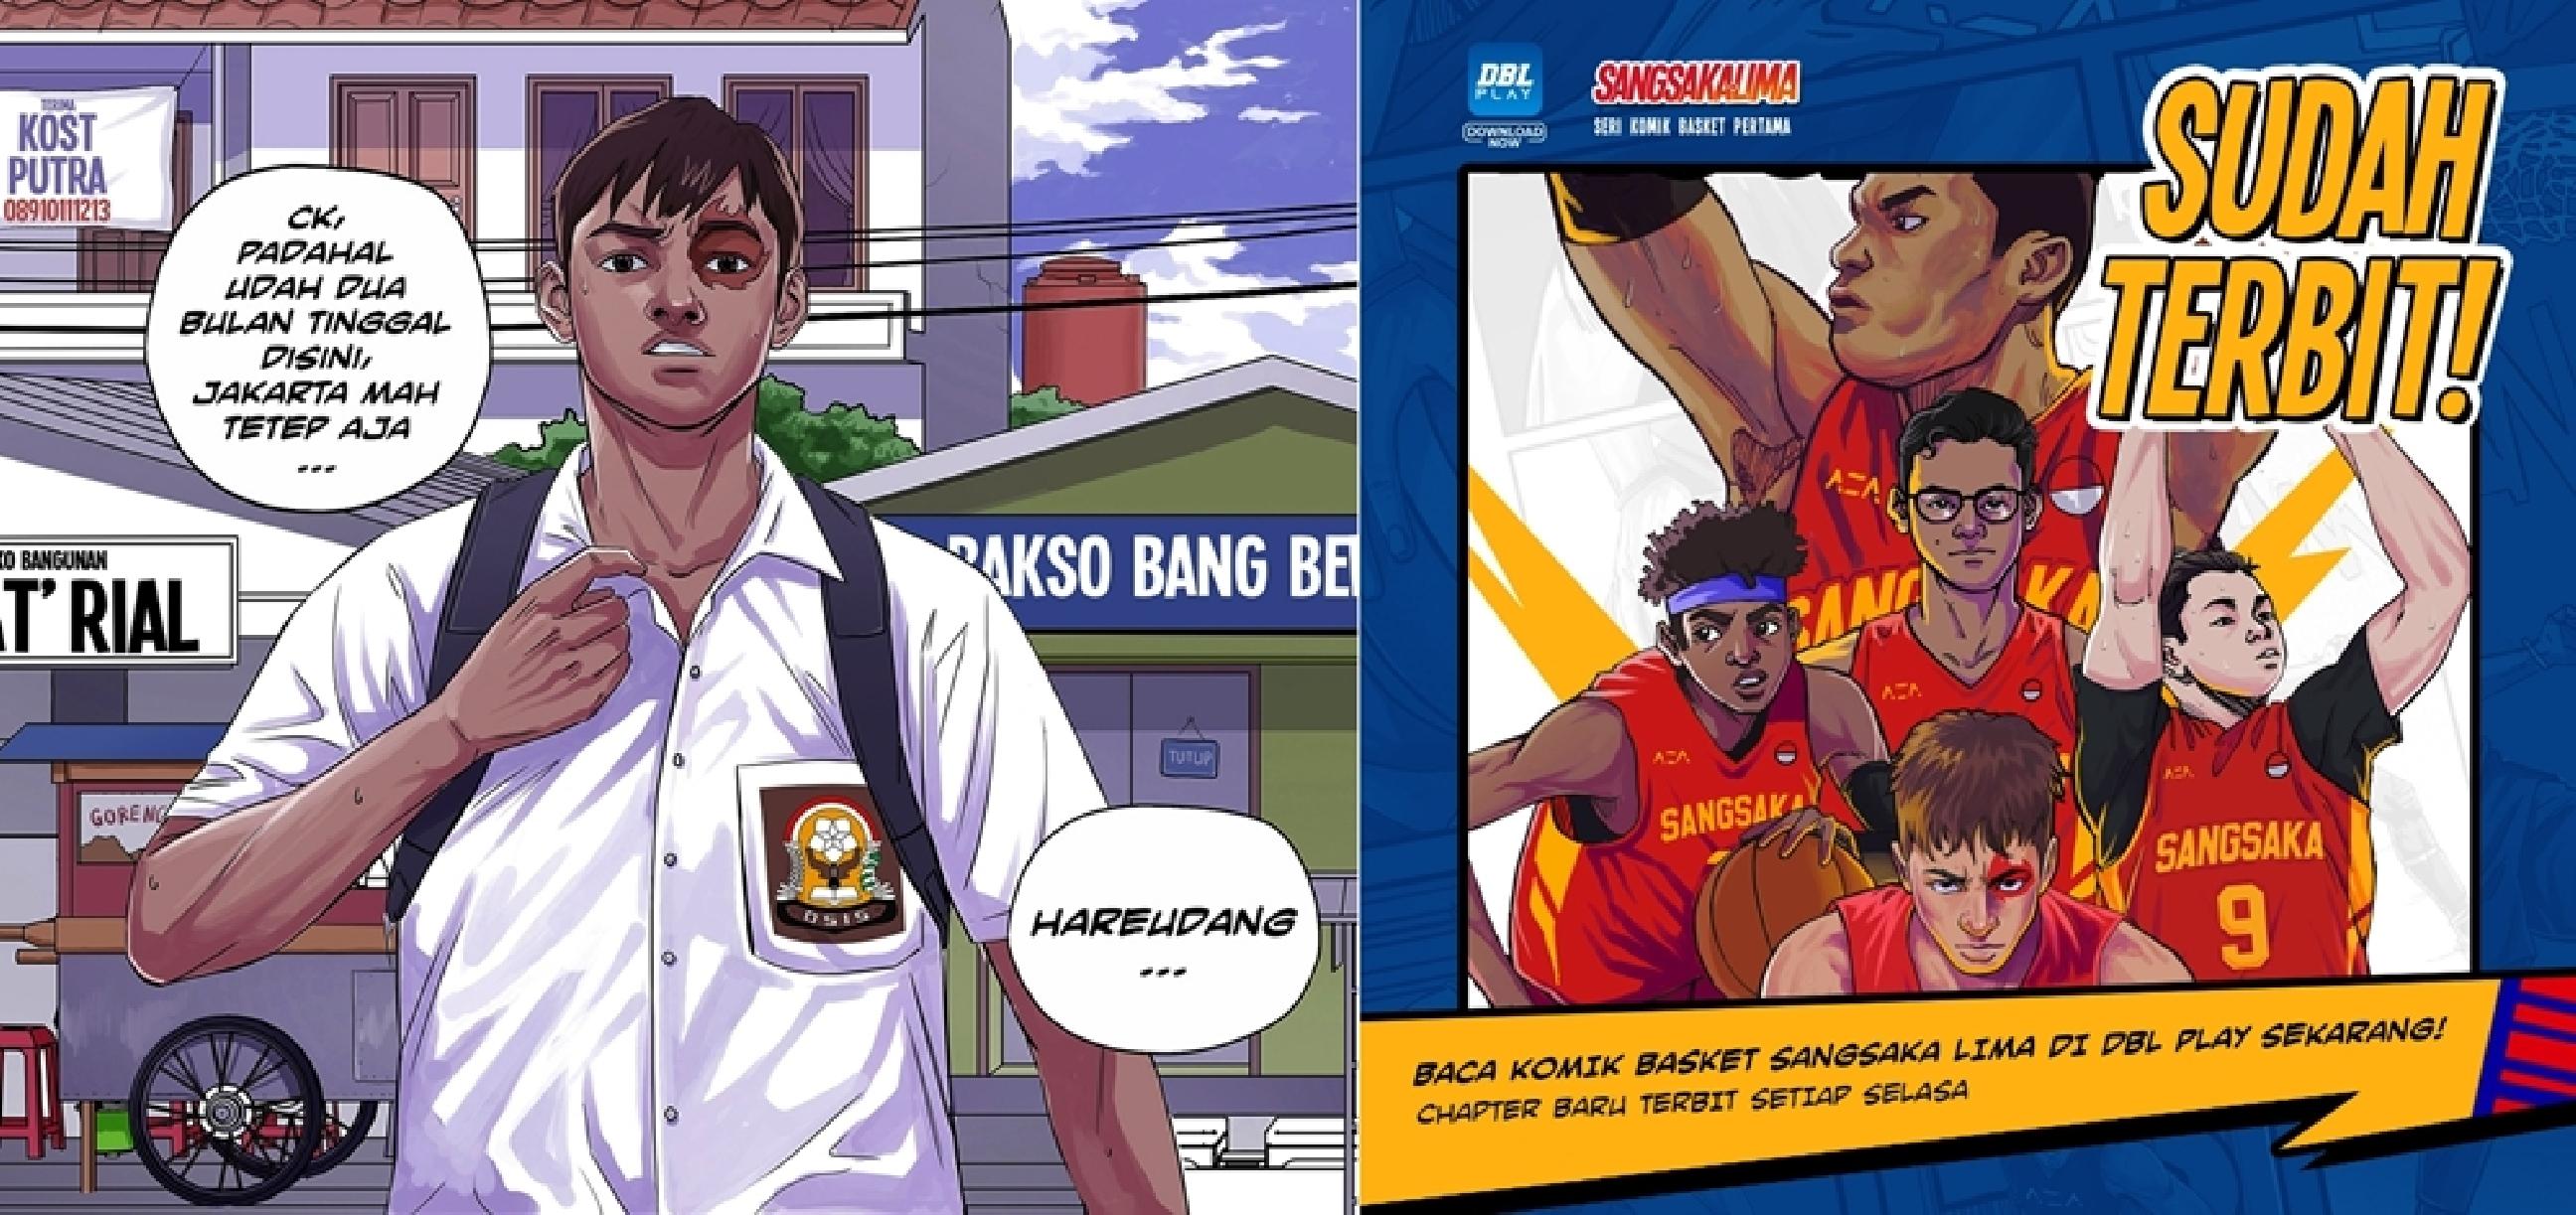 Seri komik basket pertama di Indonesia, Sangsaka Lima sudah terbit lho